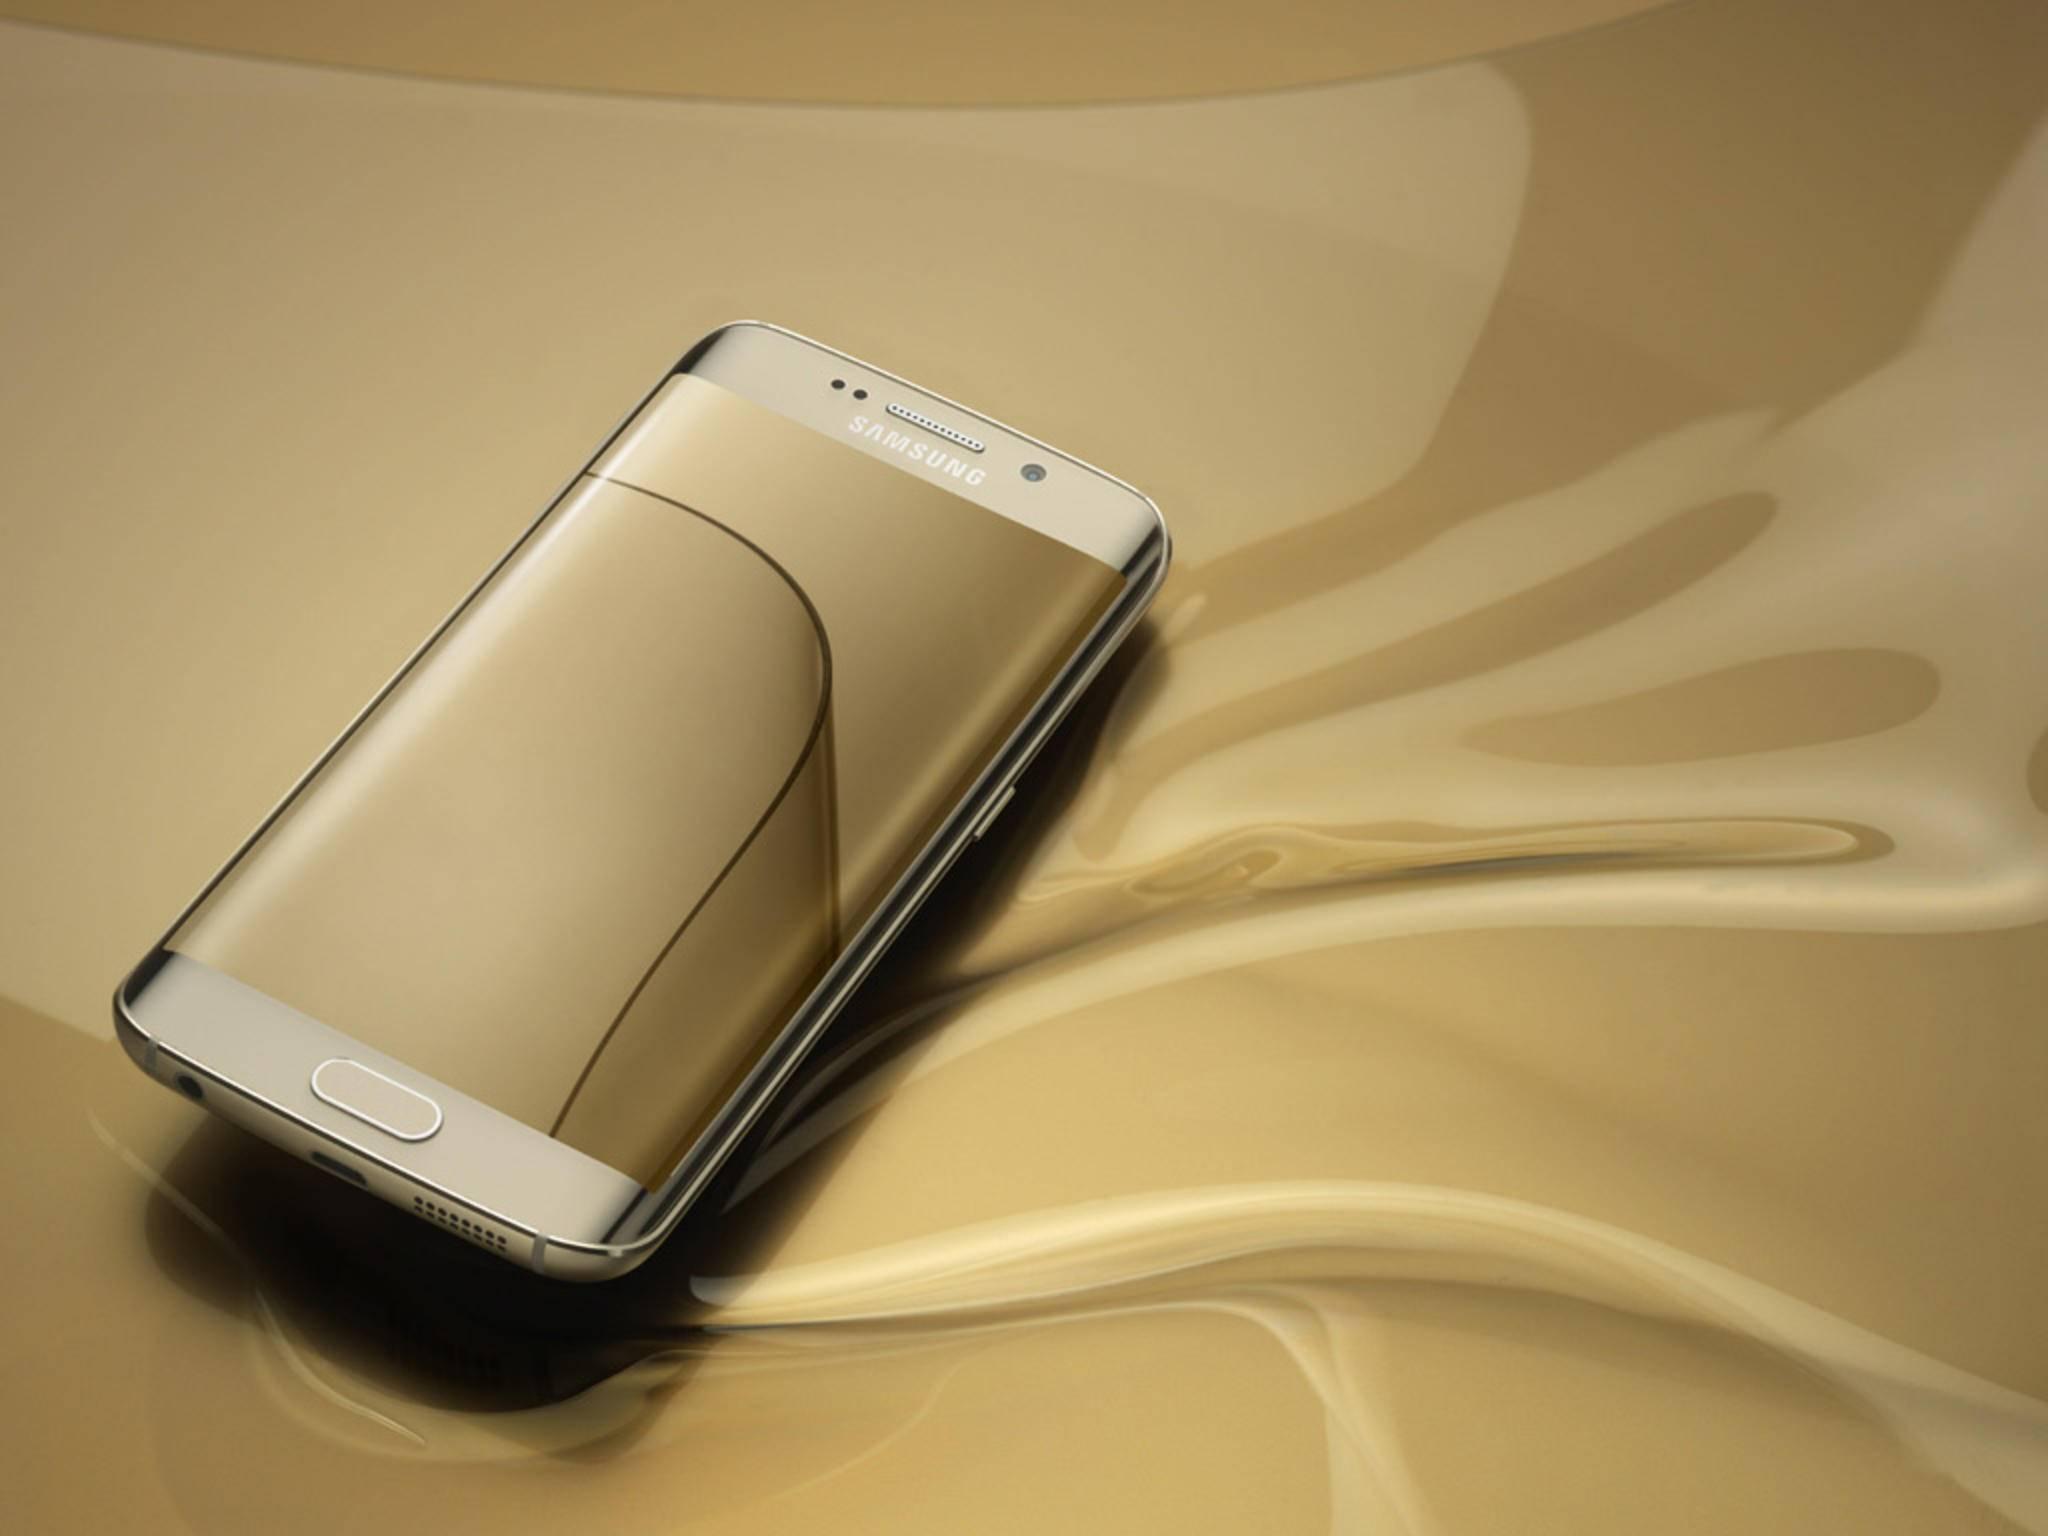 Das Galaxy S7 soll es auch in einer Edge-Variante ähnlich dem Galaxy S6 Edge geben.